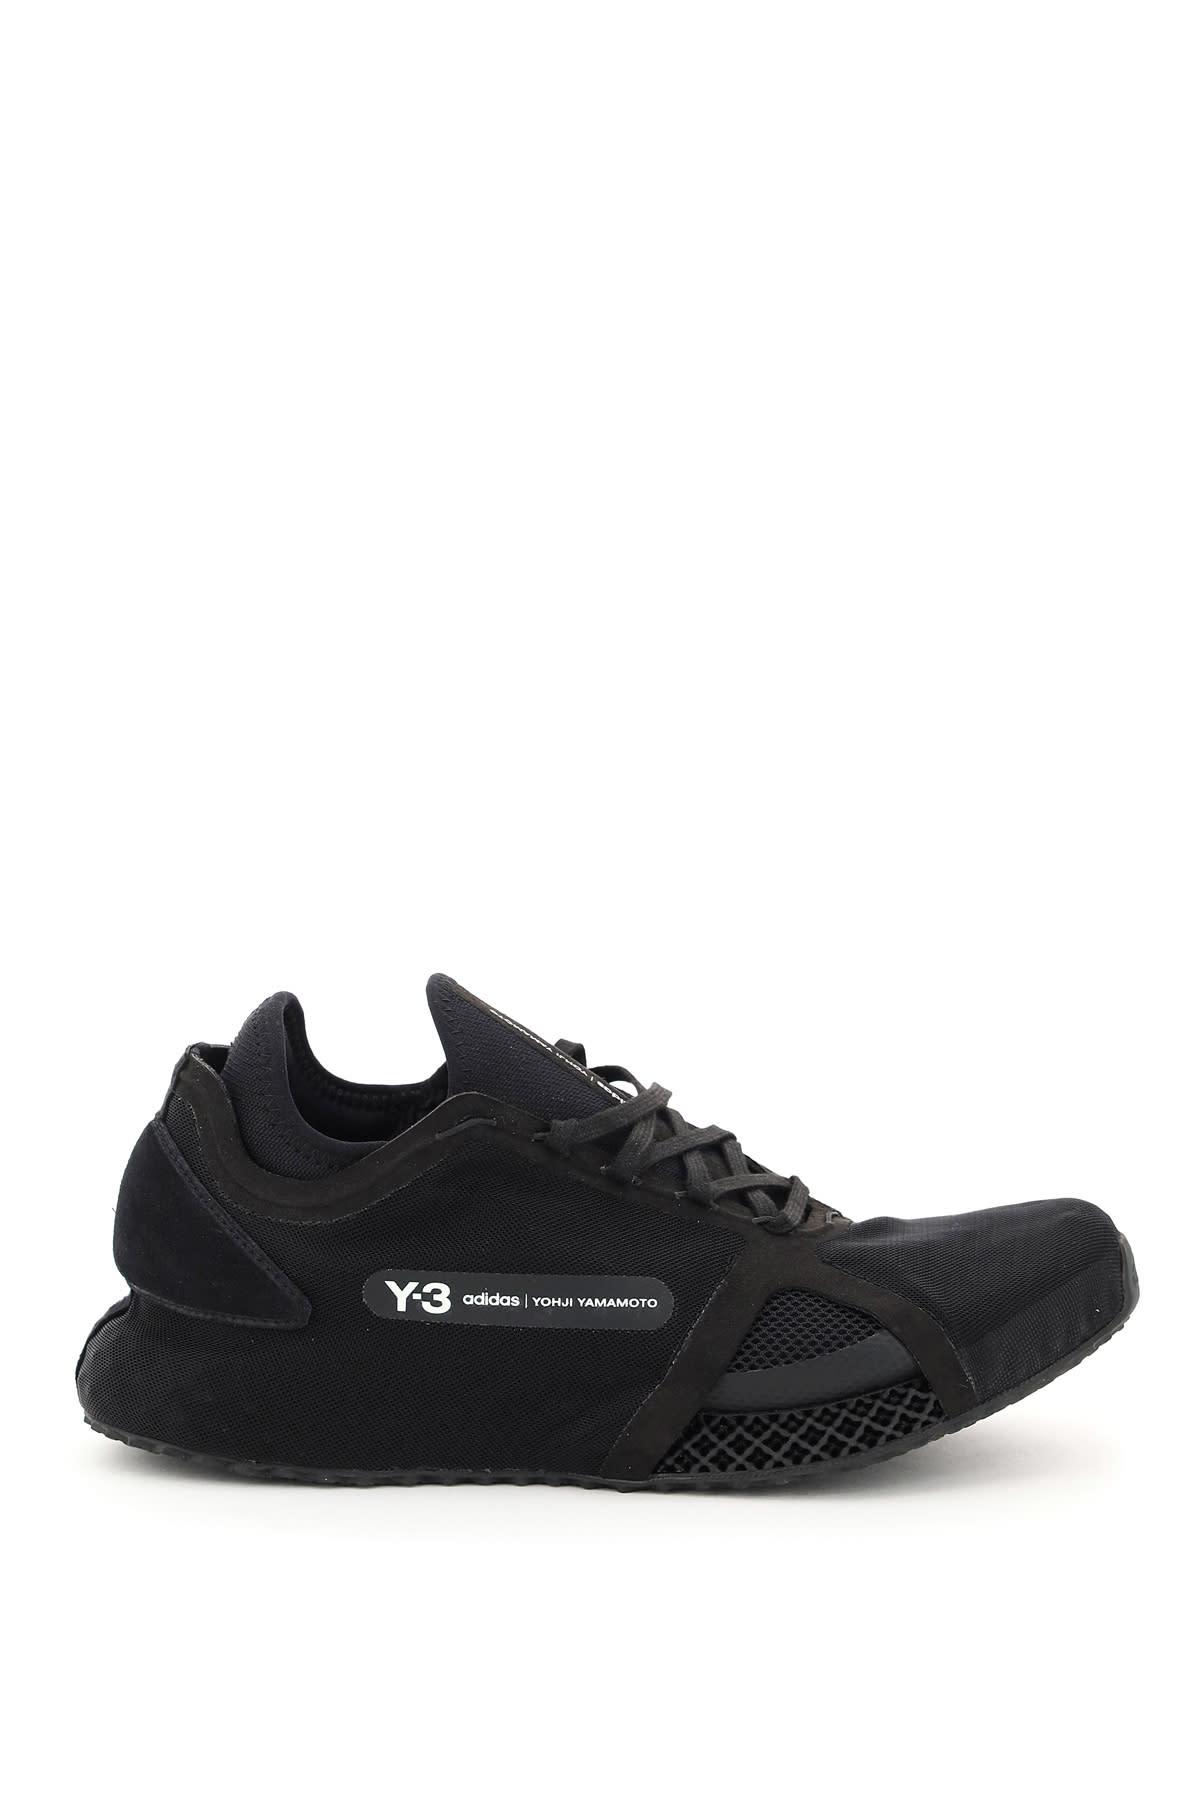 Y-3 Activewears RUNNER 4D IOW SNEAKERS